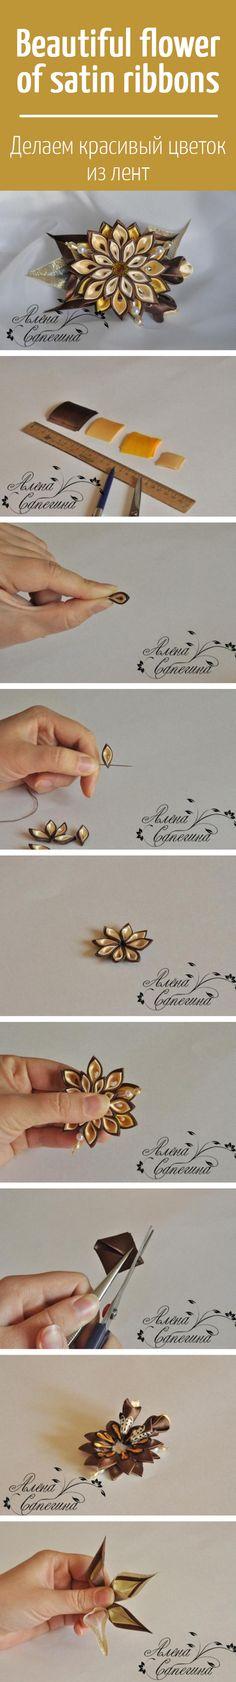 Делаем заколку с цветком из атласных лент в технике цумами канзаши / Beautiful flower of satin ribbons (tsumami kanzashi)